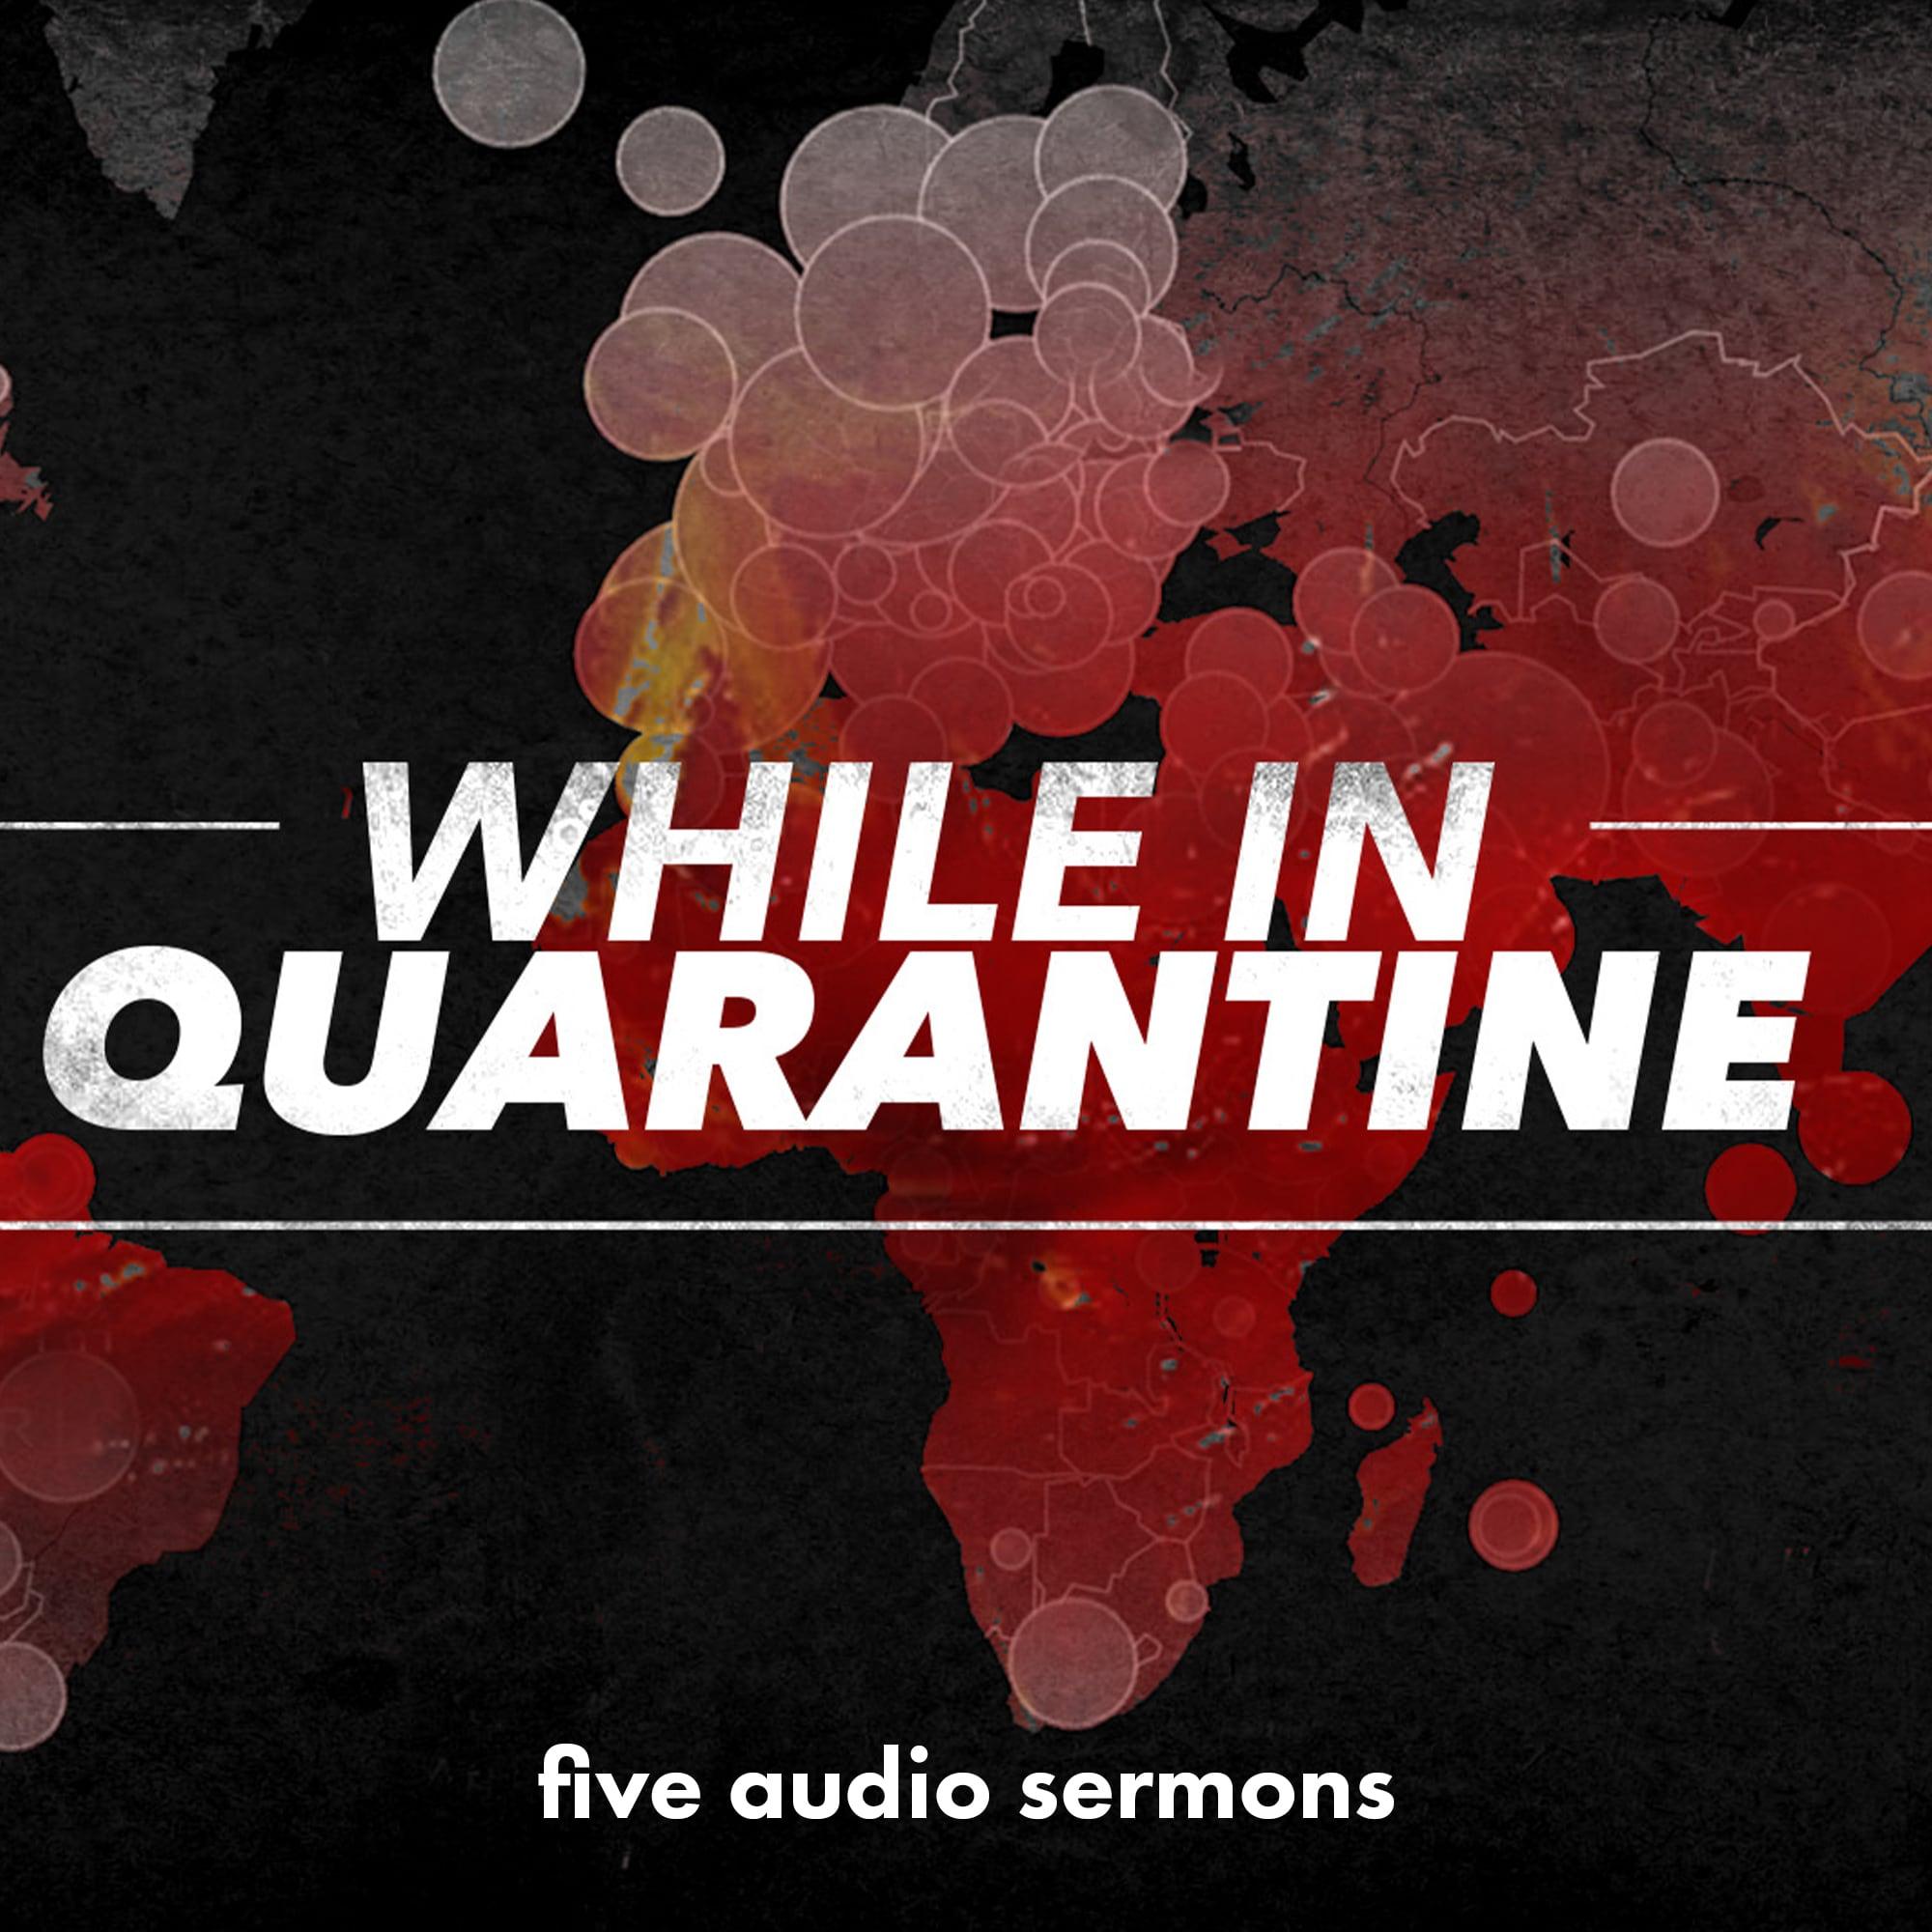 While in Quarantine (Audio Series)